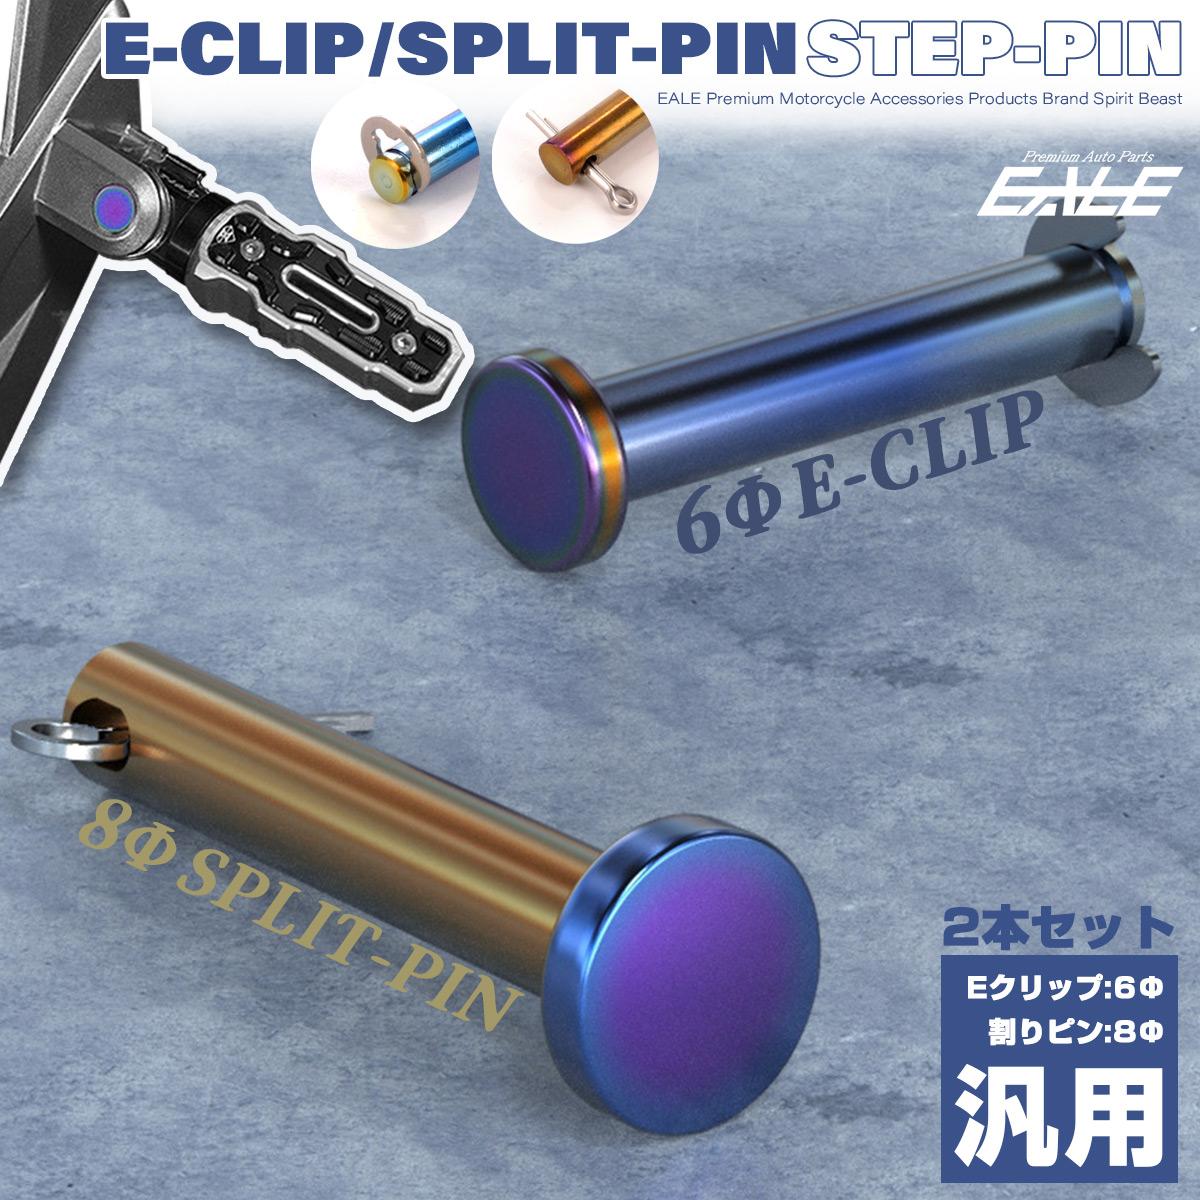 【ネコポス可】 汎用 ステップピン クレビスピン 6mm Eクリップ 8mm 割りピン SUS304 ステンレス 2個セット S-946-947